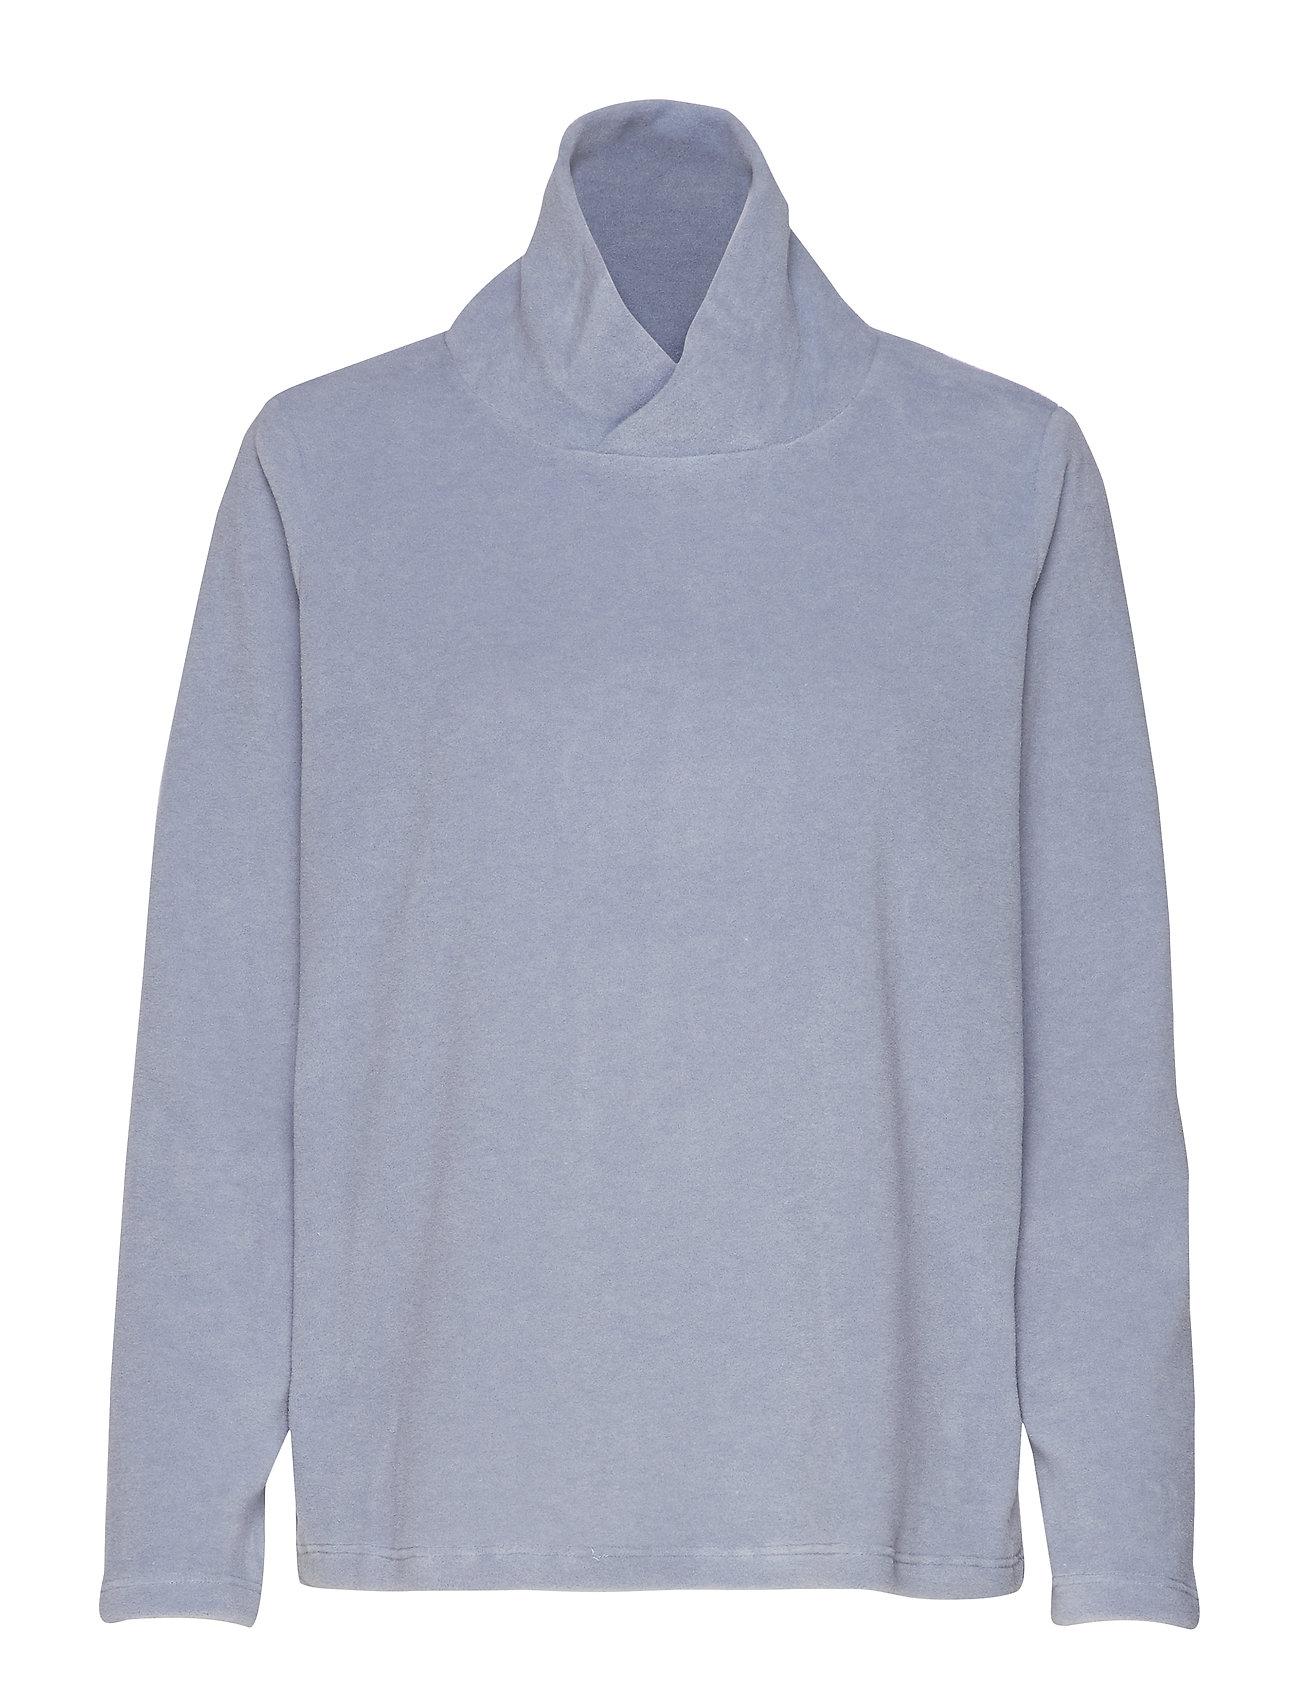 Signal Fleece - TRADEWINDS BLUE